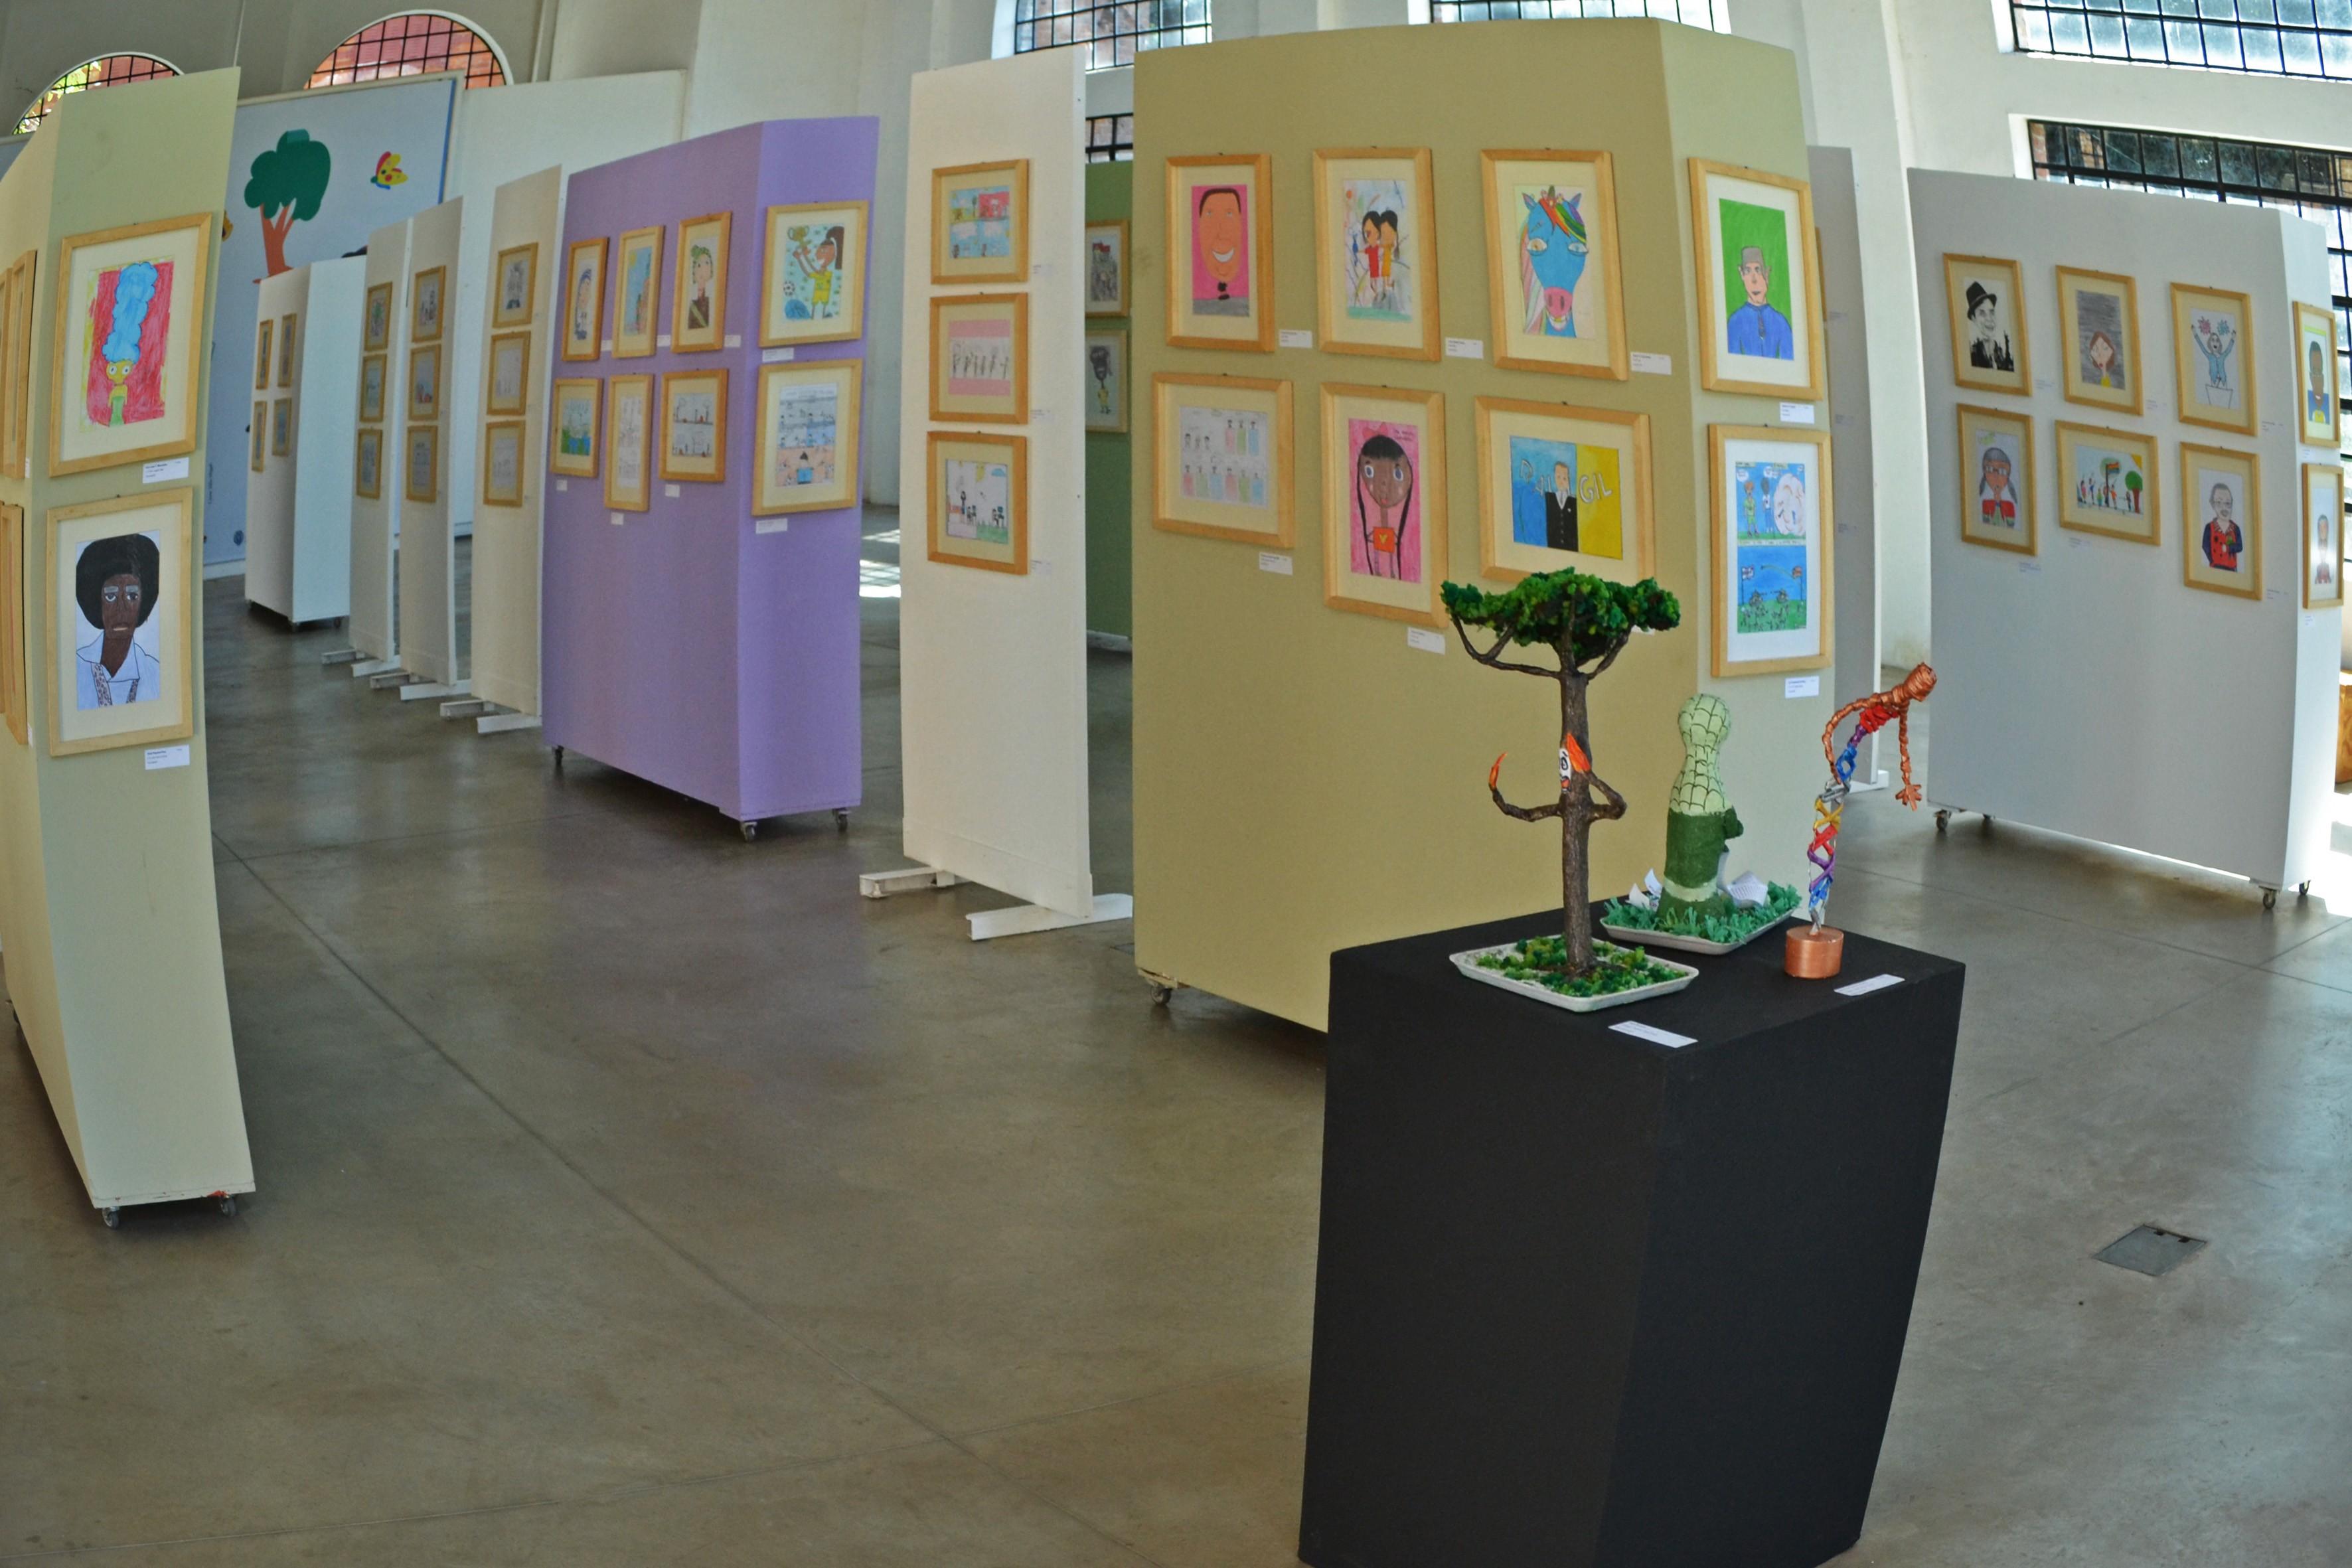 Prefeitura abre inscrições para o 19° Salãozinho de Humor de Piracicaba para jovens e crianças